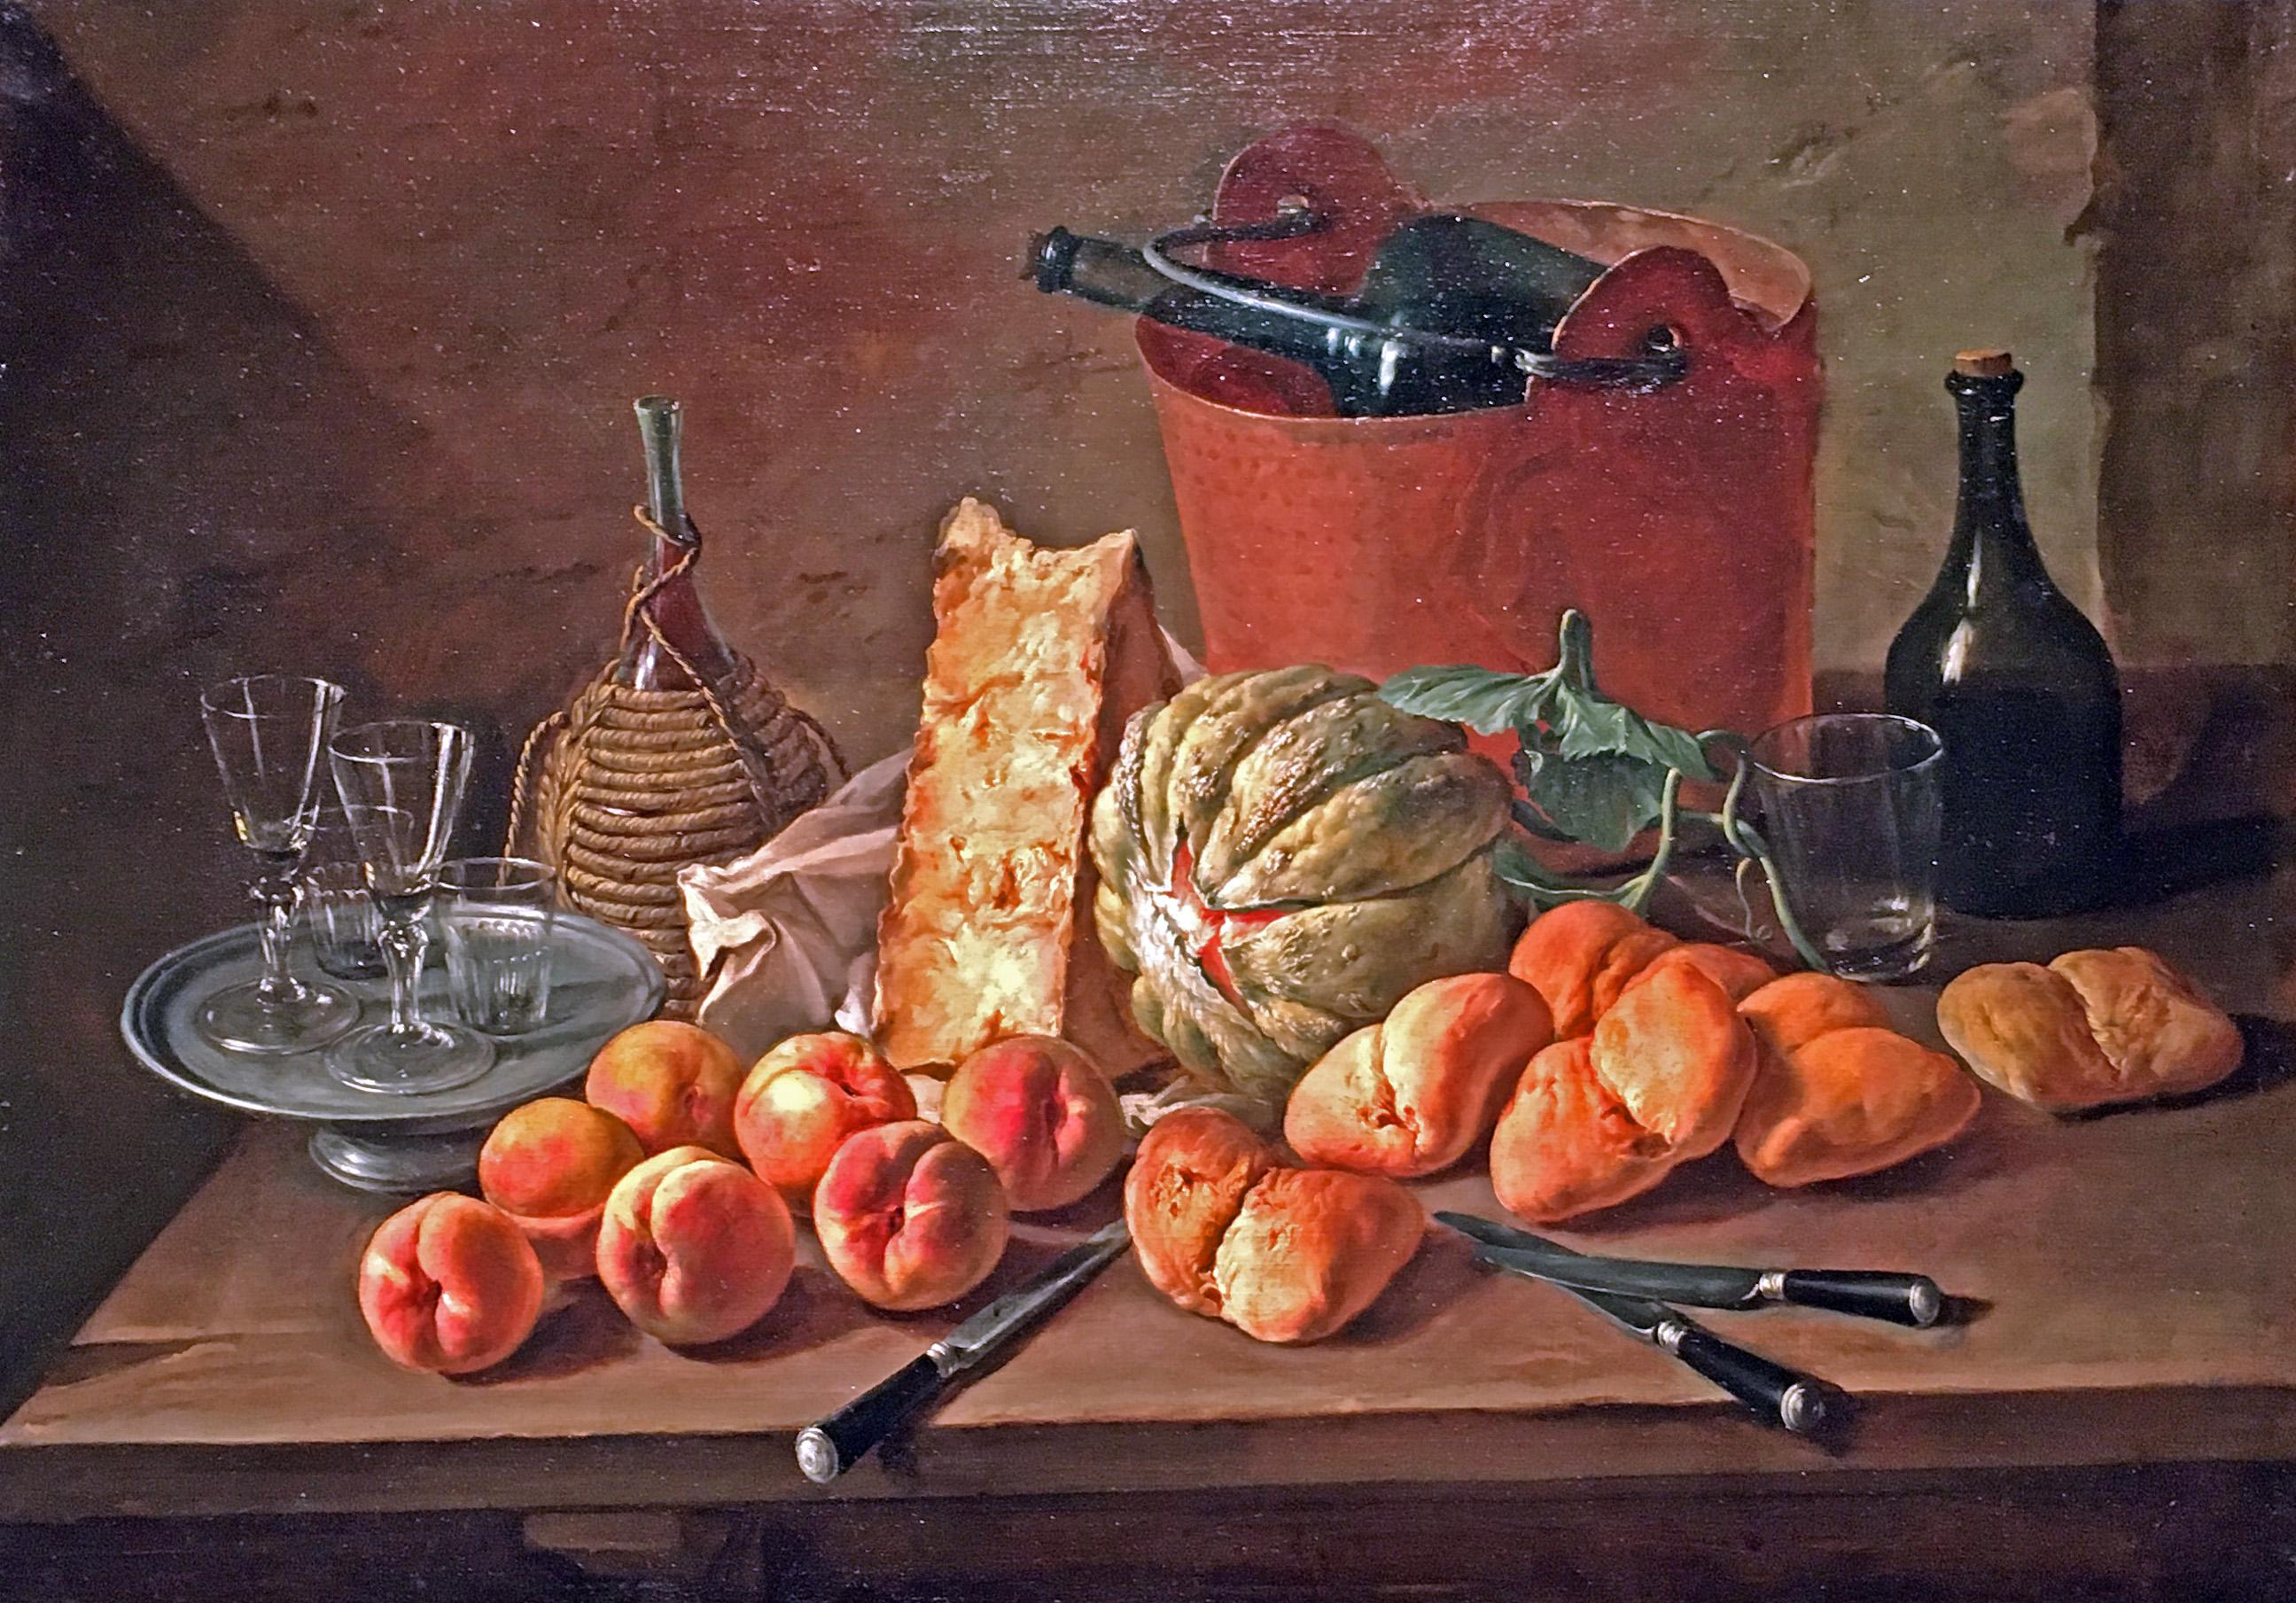 giacomo-deruti-kitchen-still-life-33-x-47-milan-1698-1768